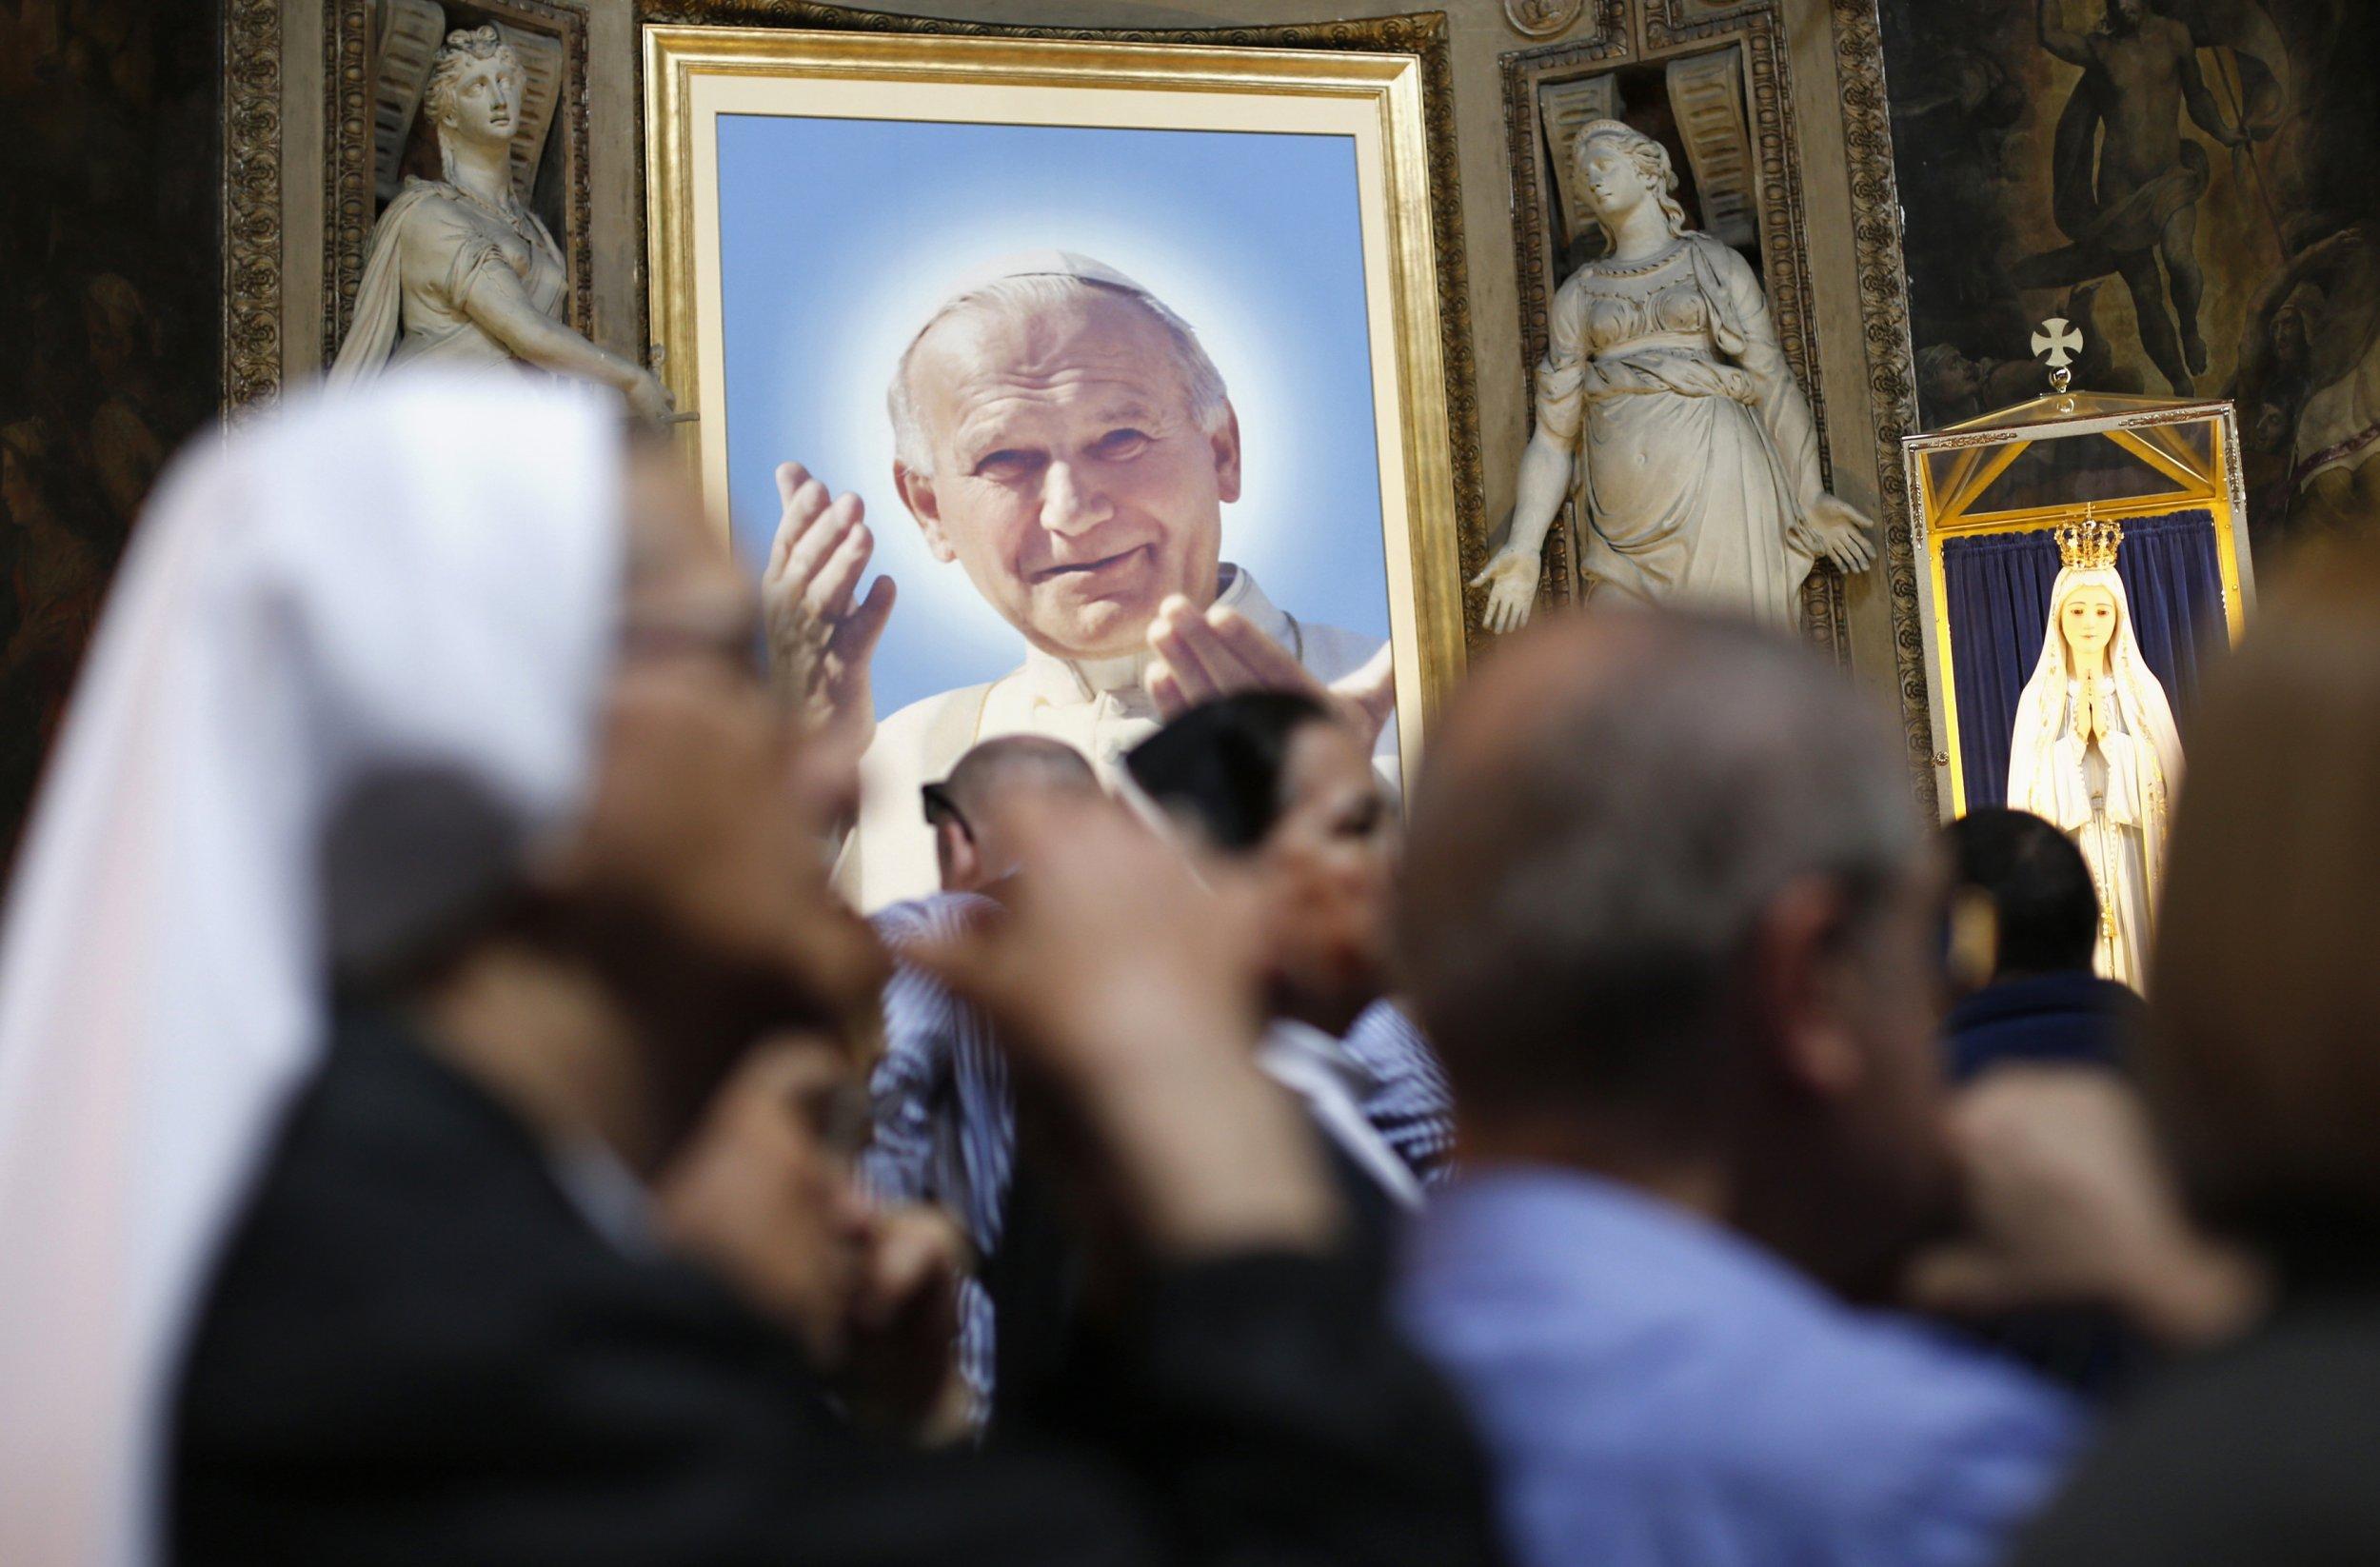 A nun prays near a portrait of Pope John Paul II.